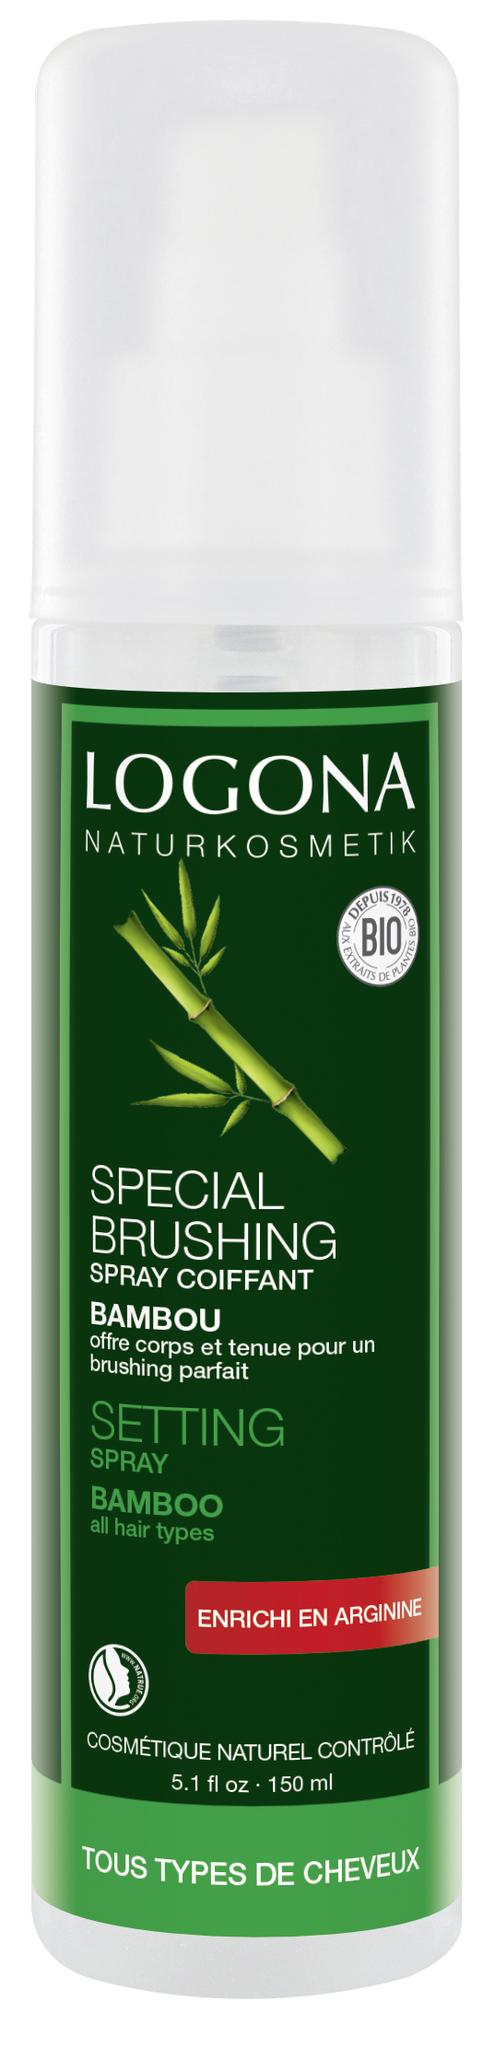 LOGONA Натуральный Cпрей для укладки волос с Экстрактом Бамбука